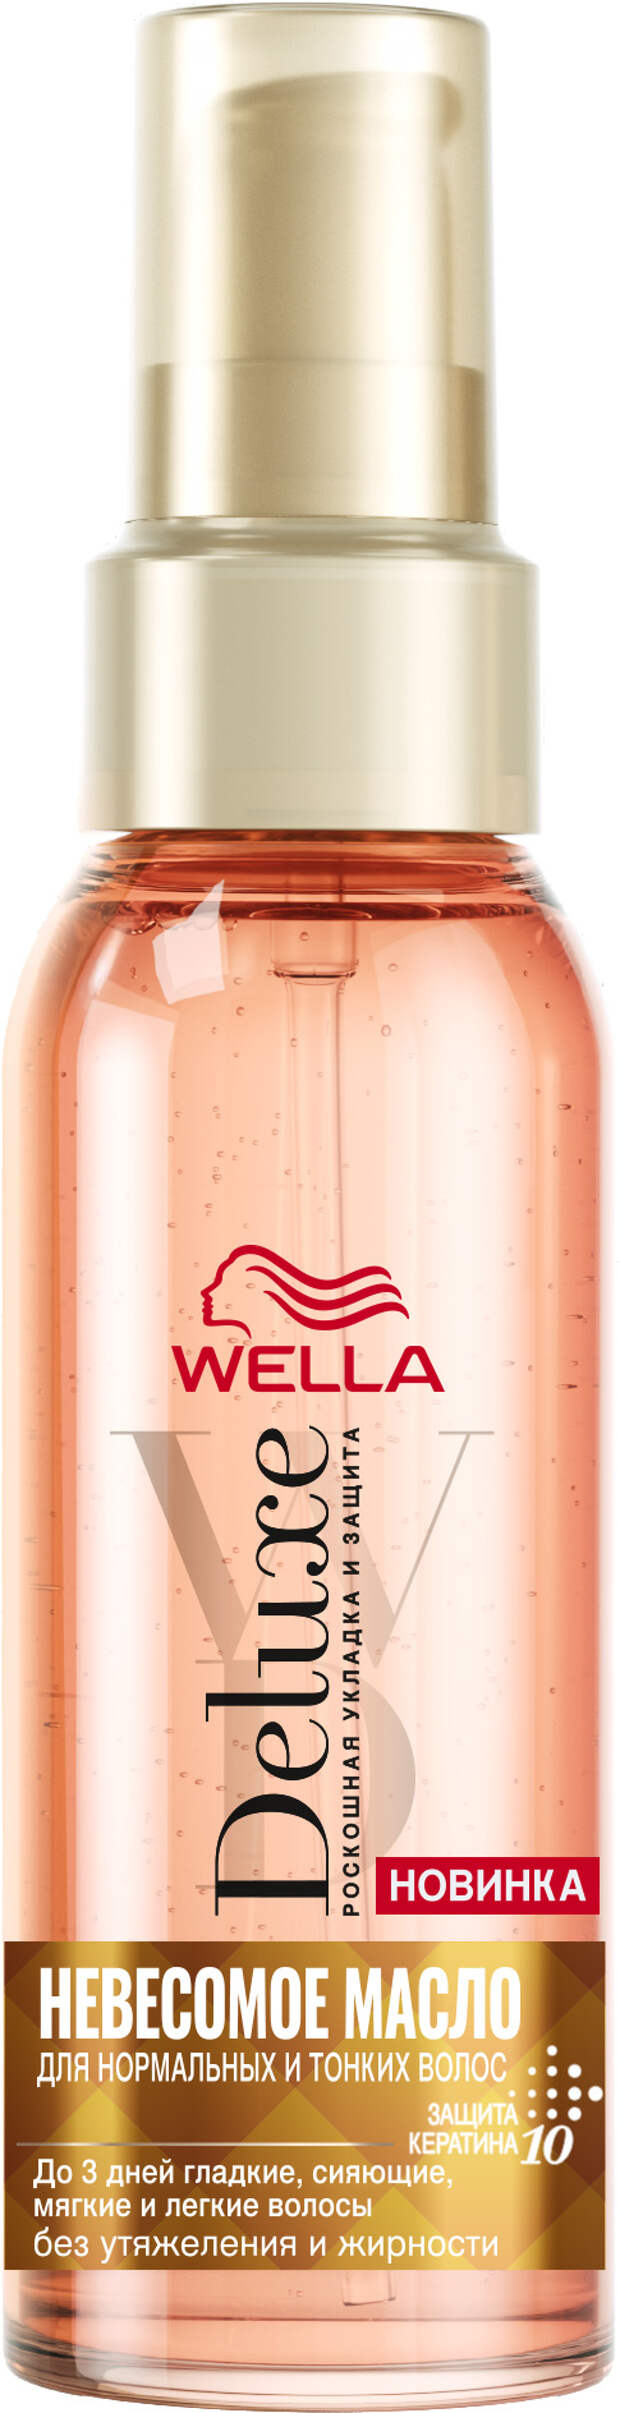 Wella представляет новую коллекцию средств для укладки Wella DELUXE с натуральными маслами